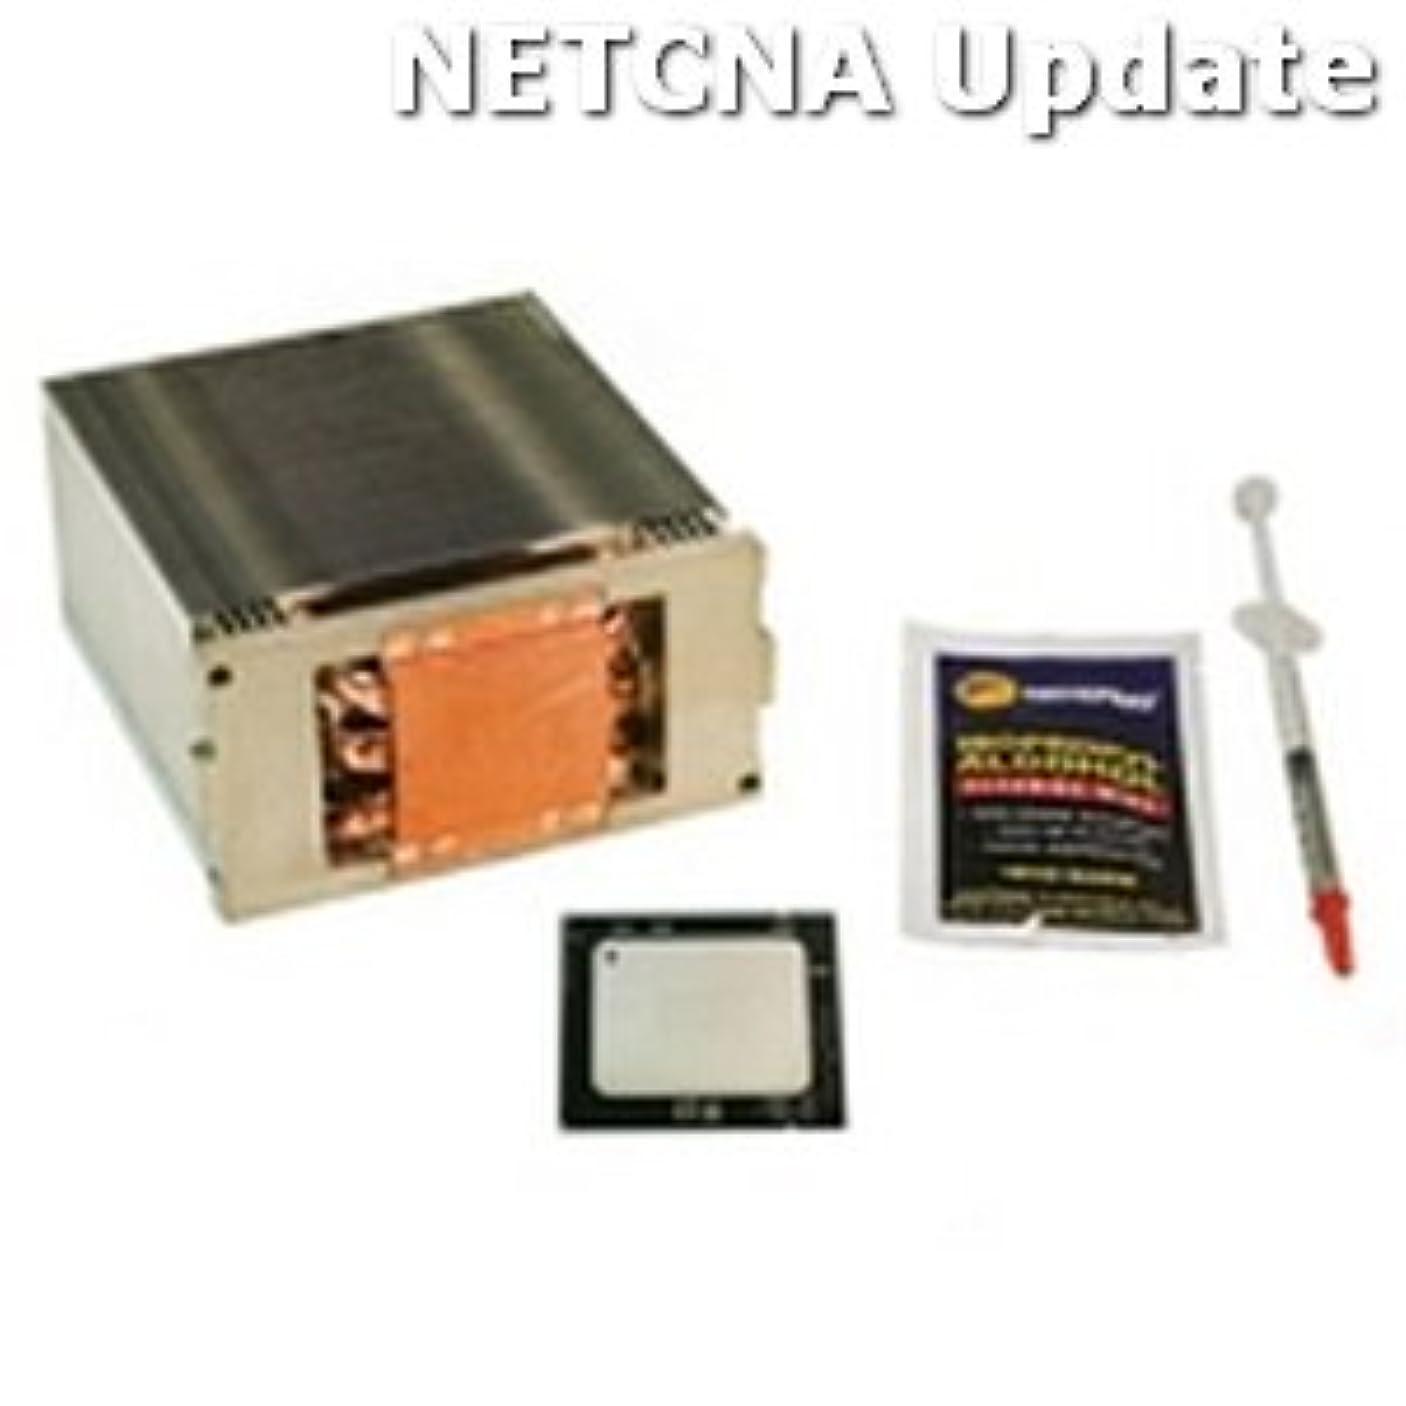 感性許さないクラブ588143-b21 HP Xeon x7560 dl580 g7互換製品by NETCNA